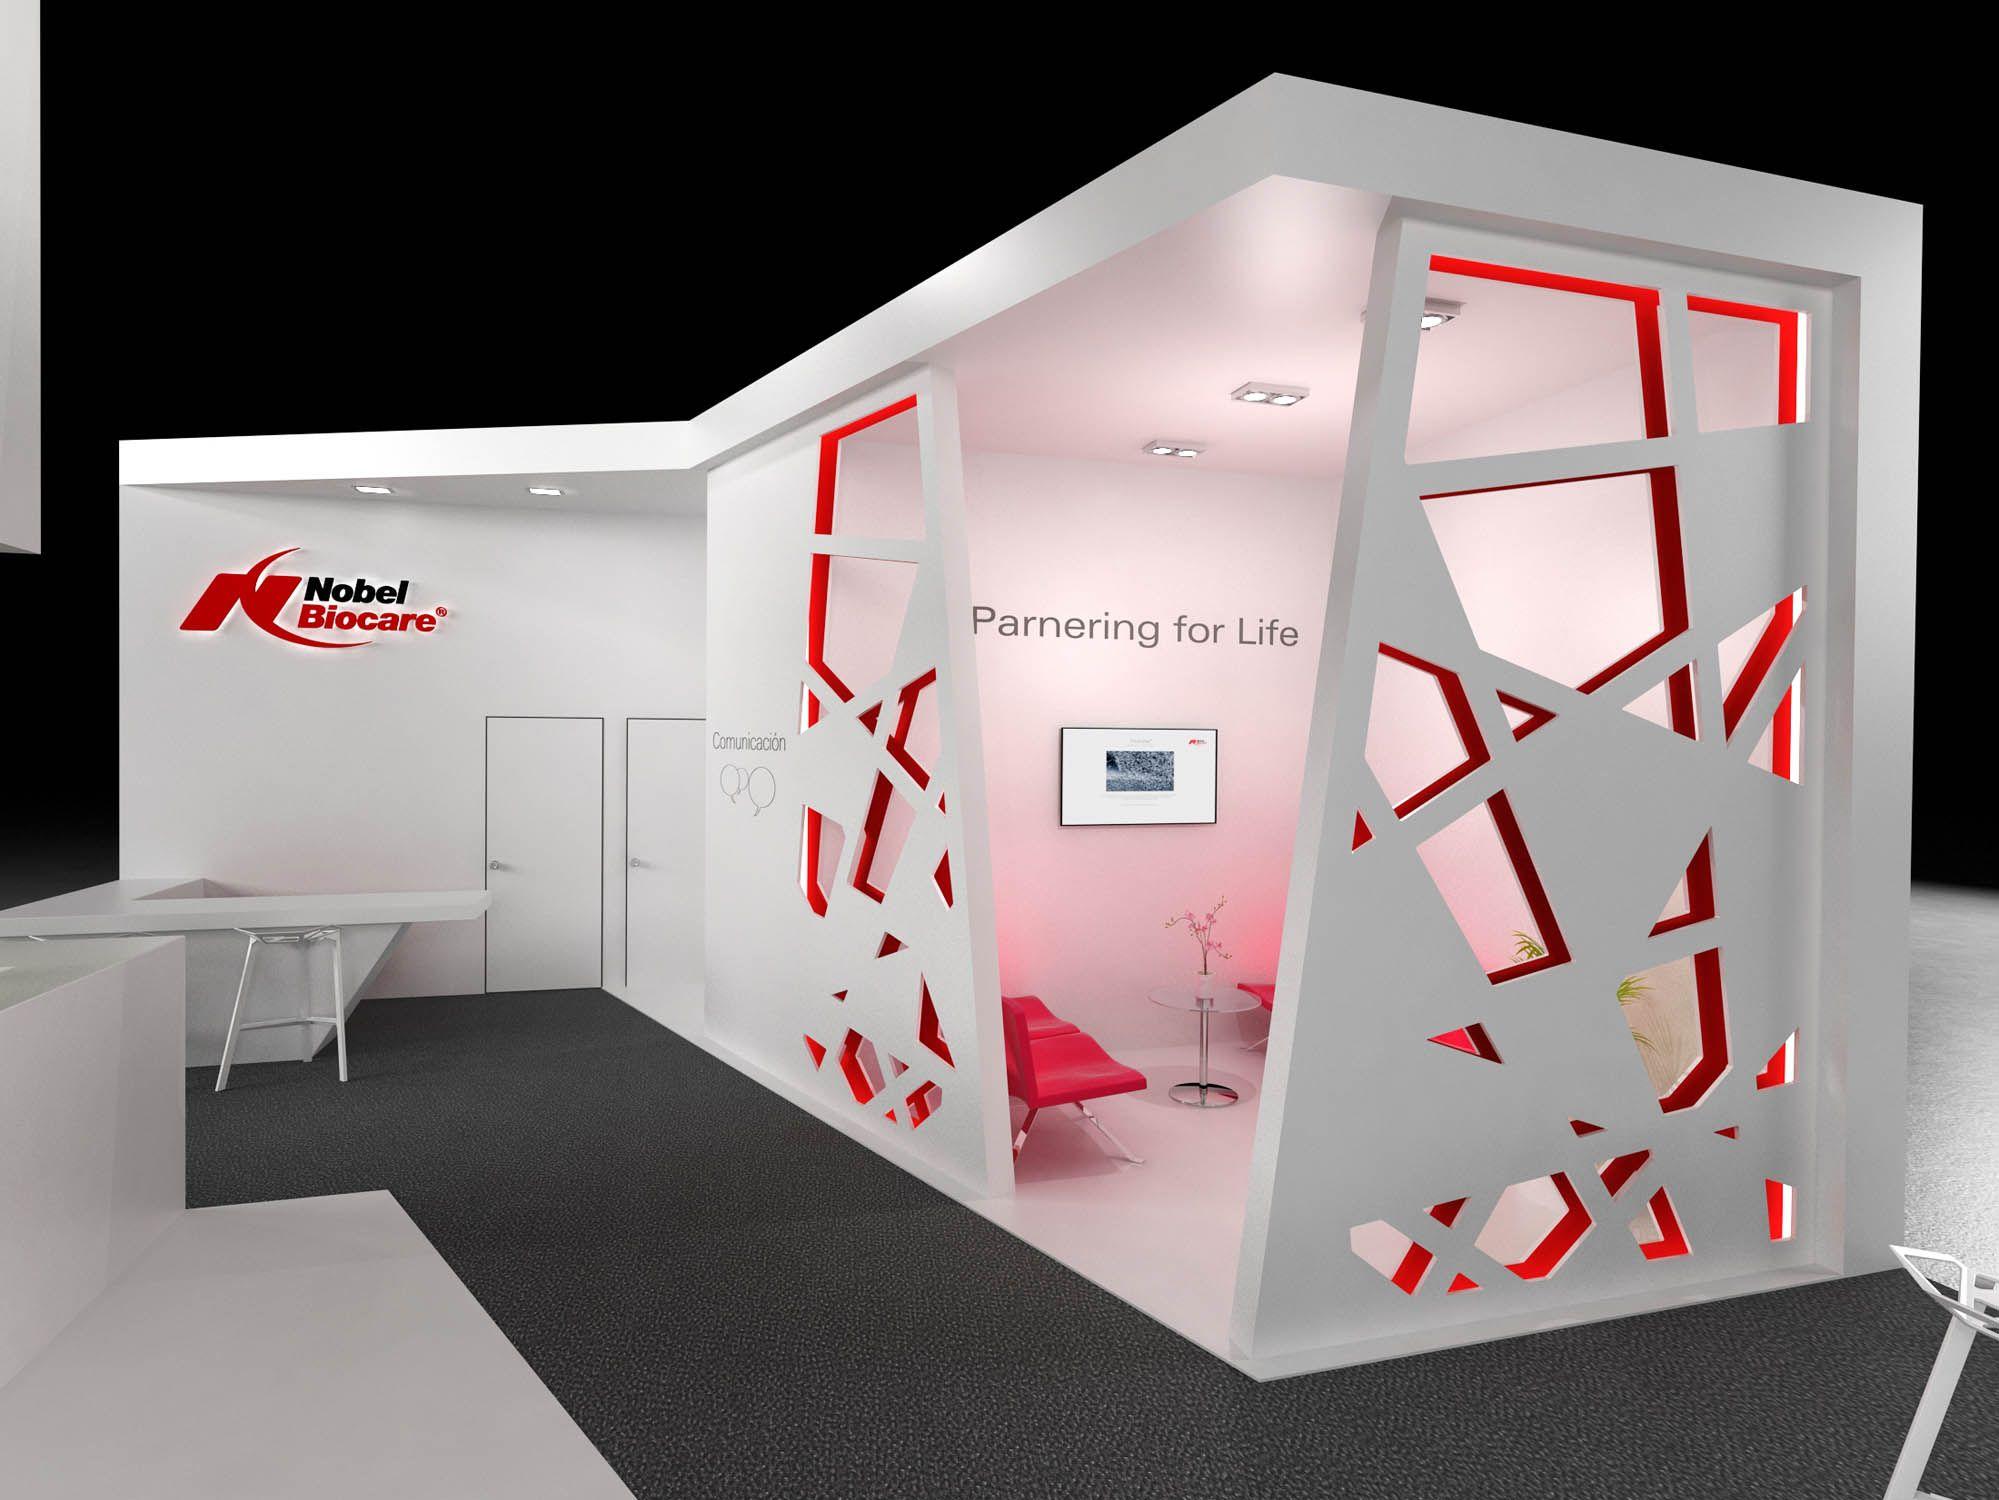 Dise o 3d realizado por by quam de un stand para la feria for Disenos de stand para exposiciones